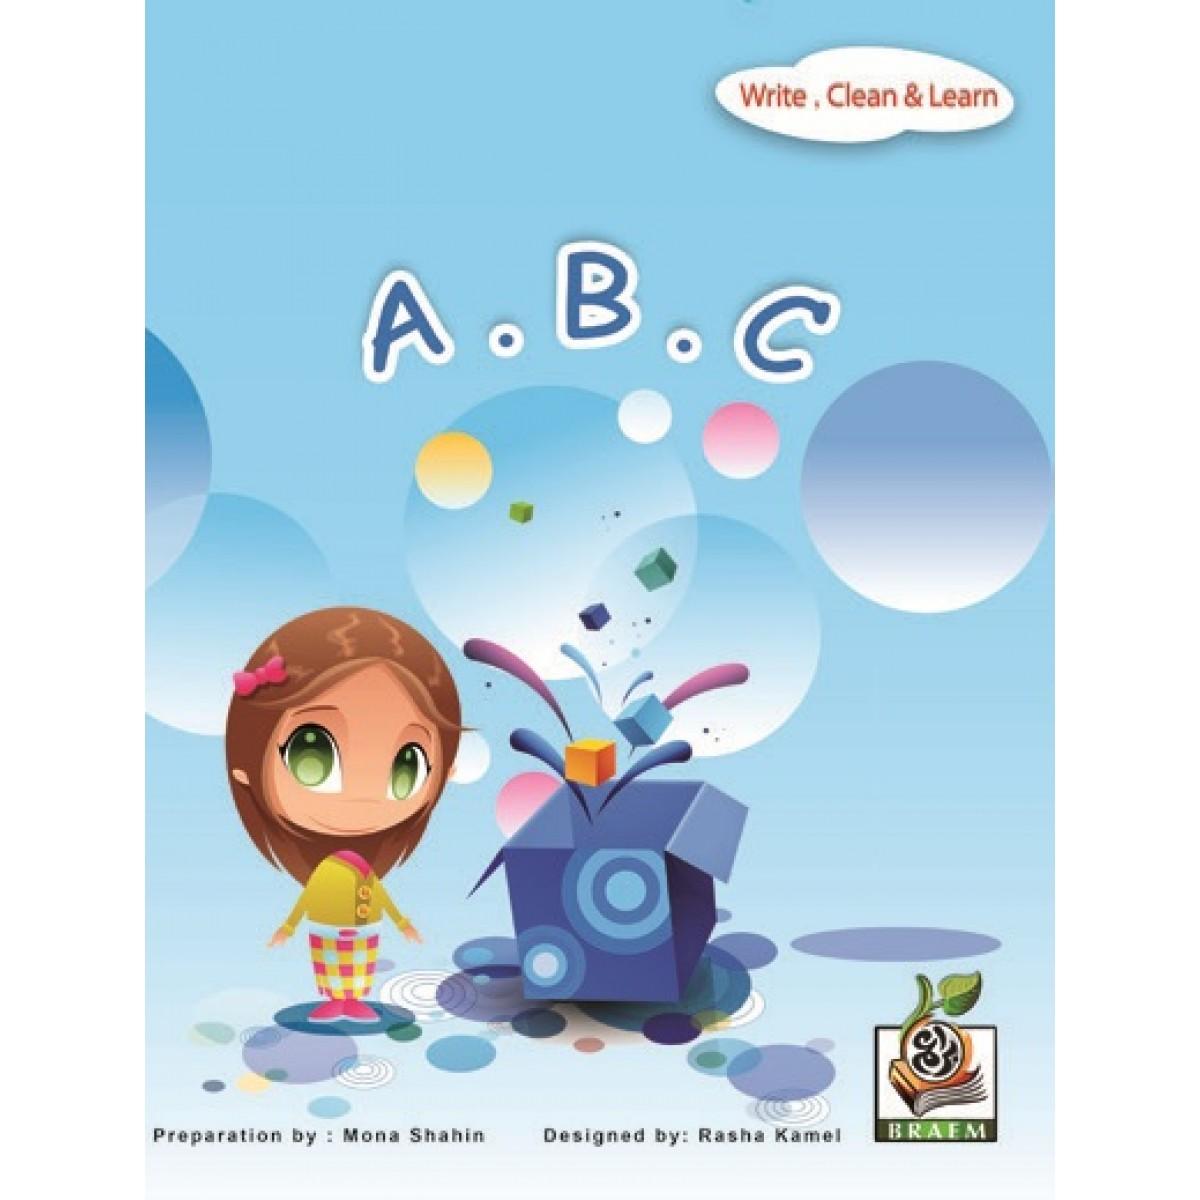 """اكتب وامسح وتعلم  """" A . B . C """"، مقاس الكتاب 29.7*21 سم"""